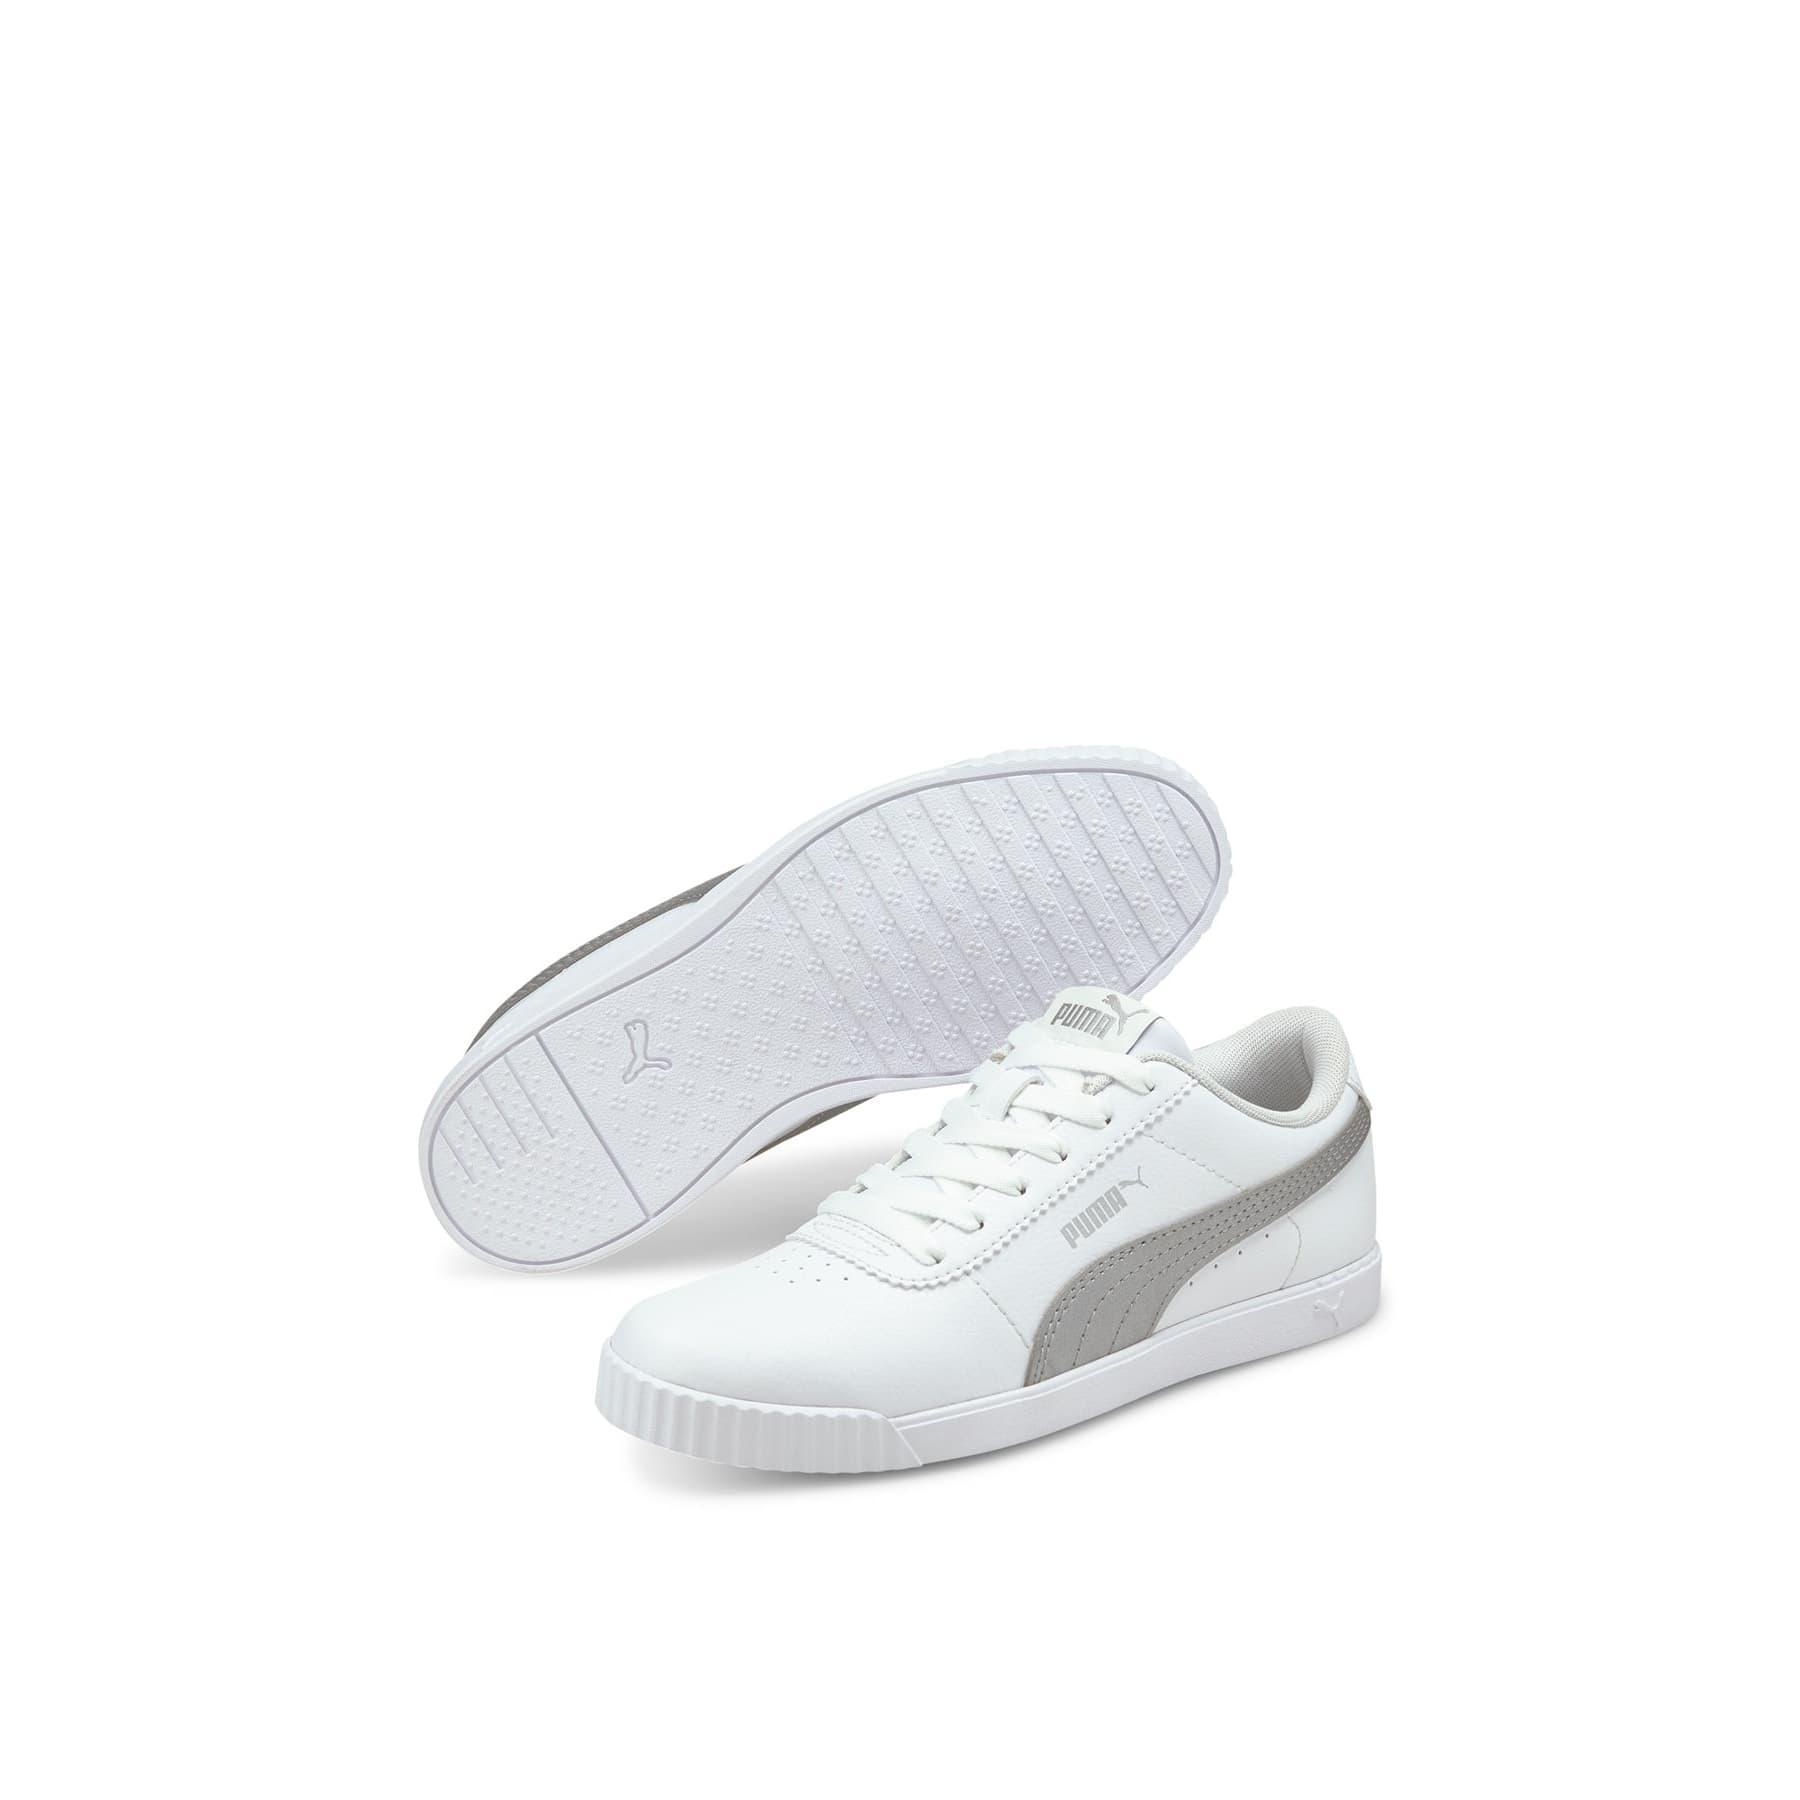 Carina Slim SL Kadın Beyaz Spor Ayakkabı (370548-14)